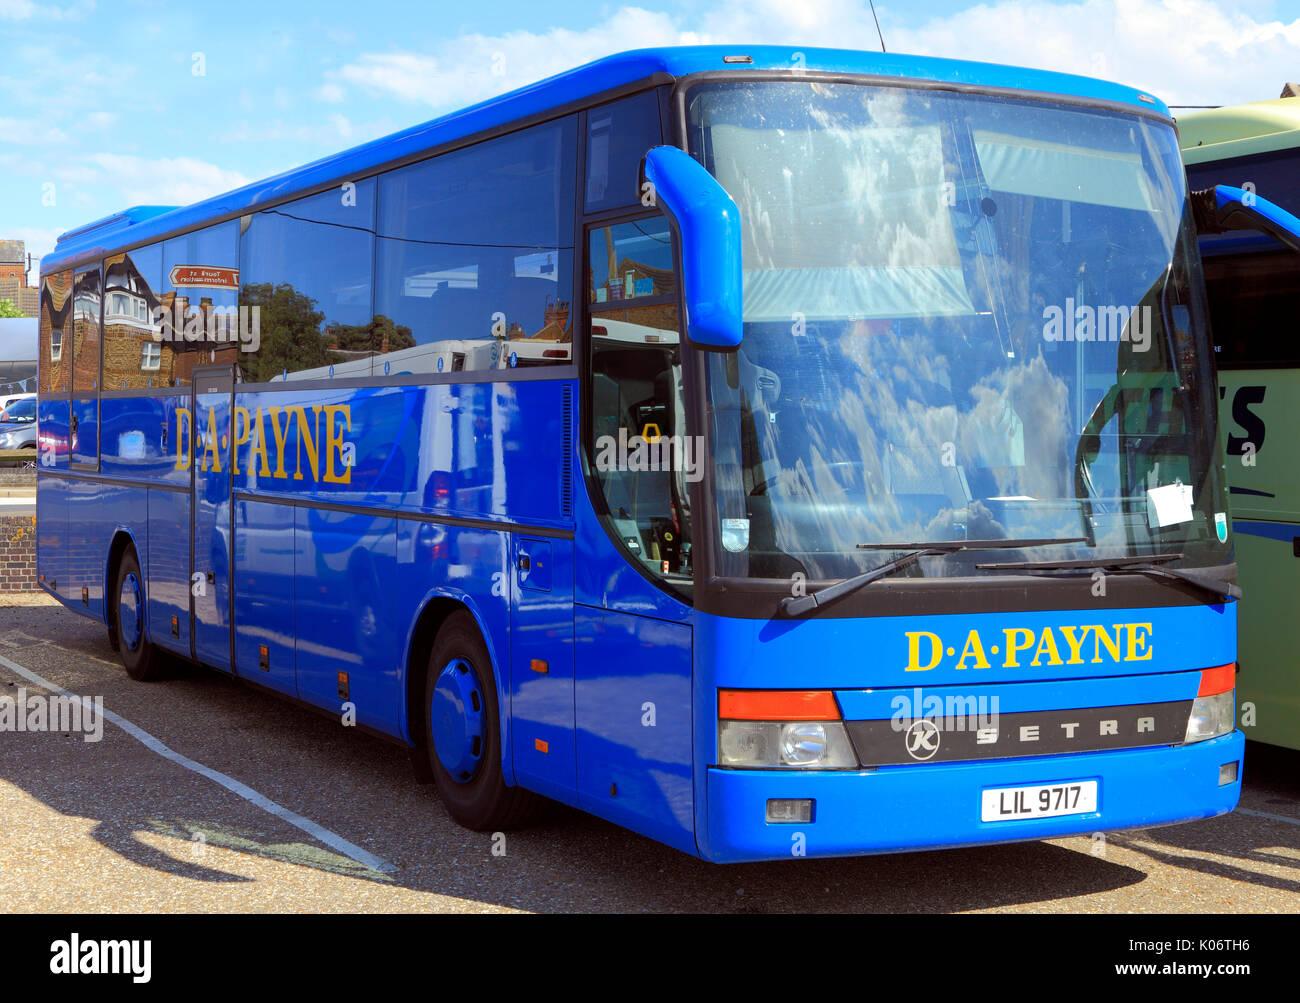 D.A. Payne, coach, entraîneurs, 24 conseils, voyage, excursion, excursions, voyages, entreprises, transports, vacances, voyages, England, UK Photo Stock